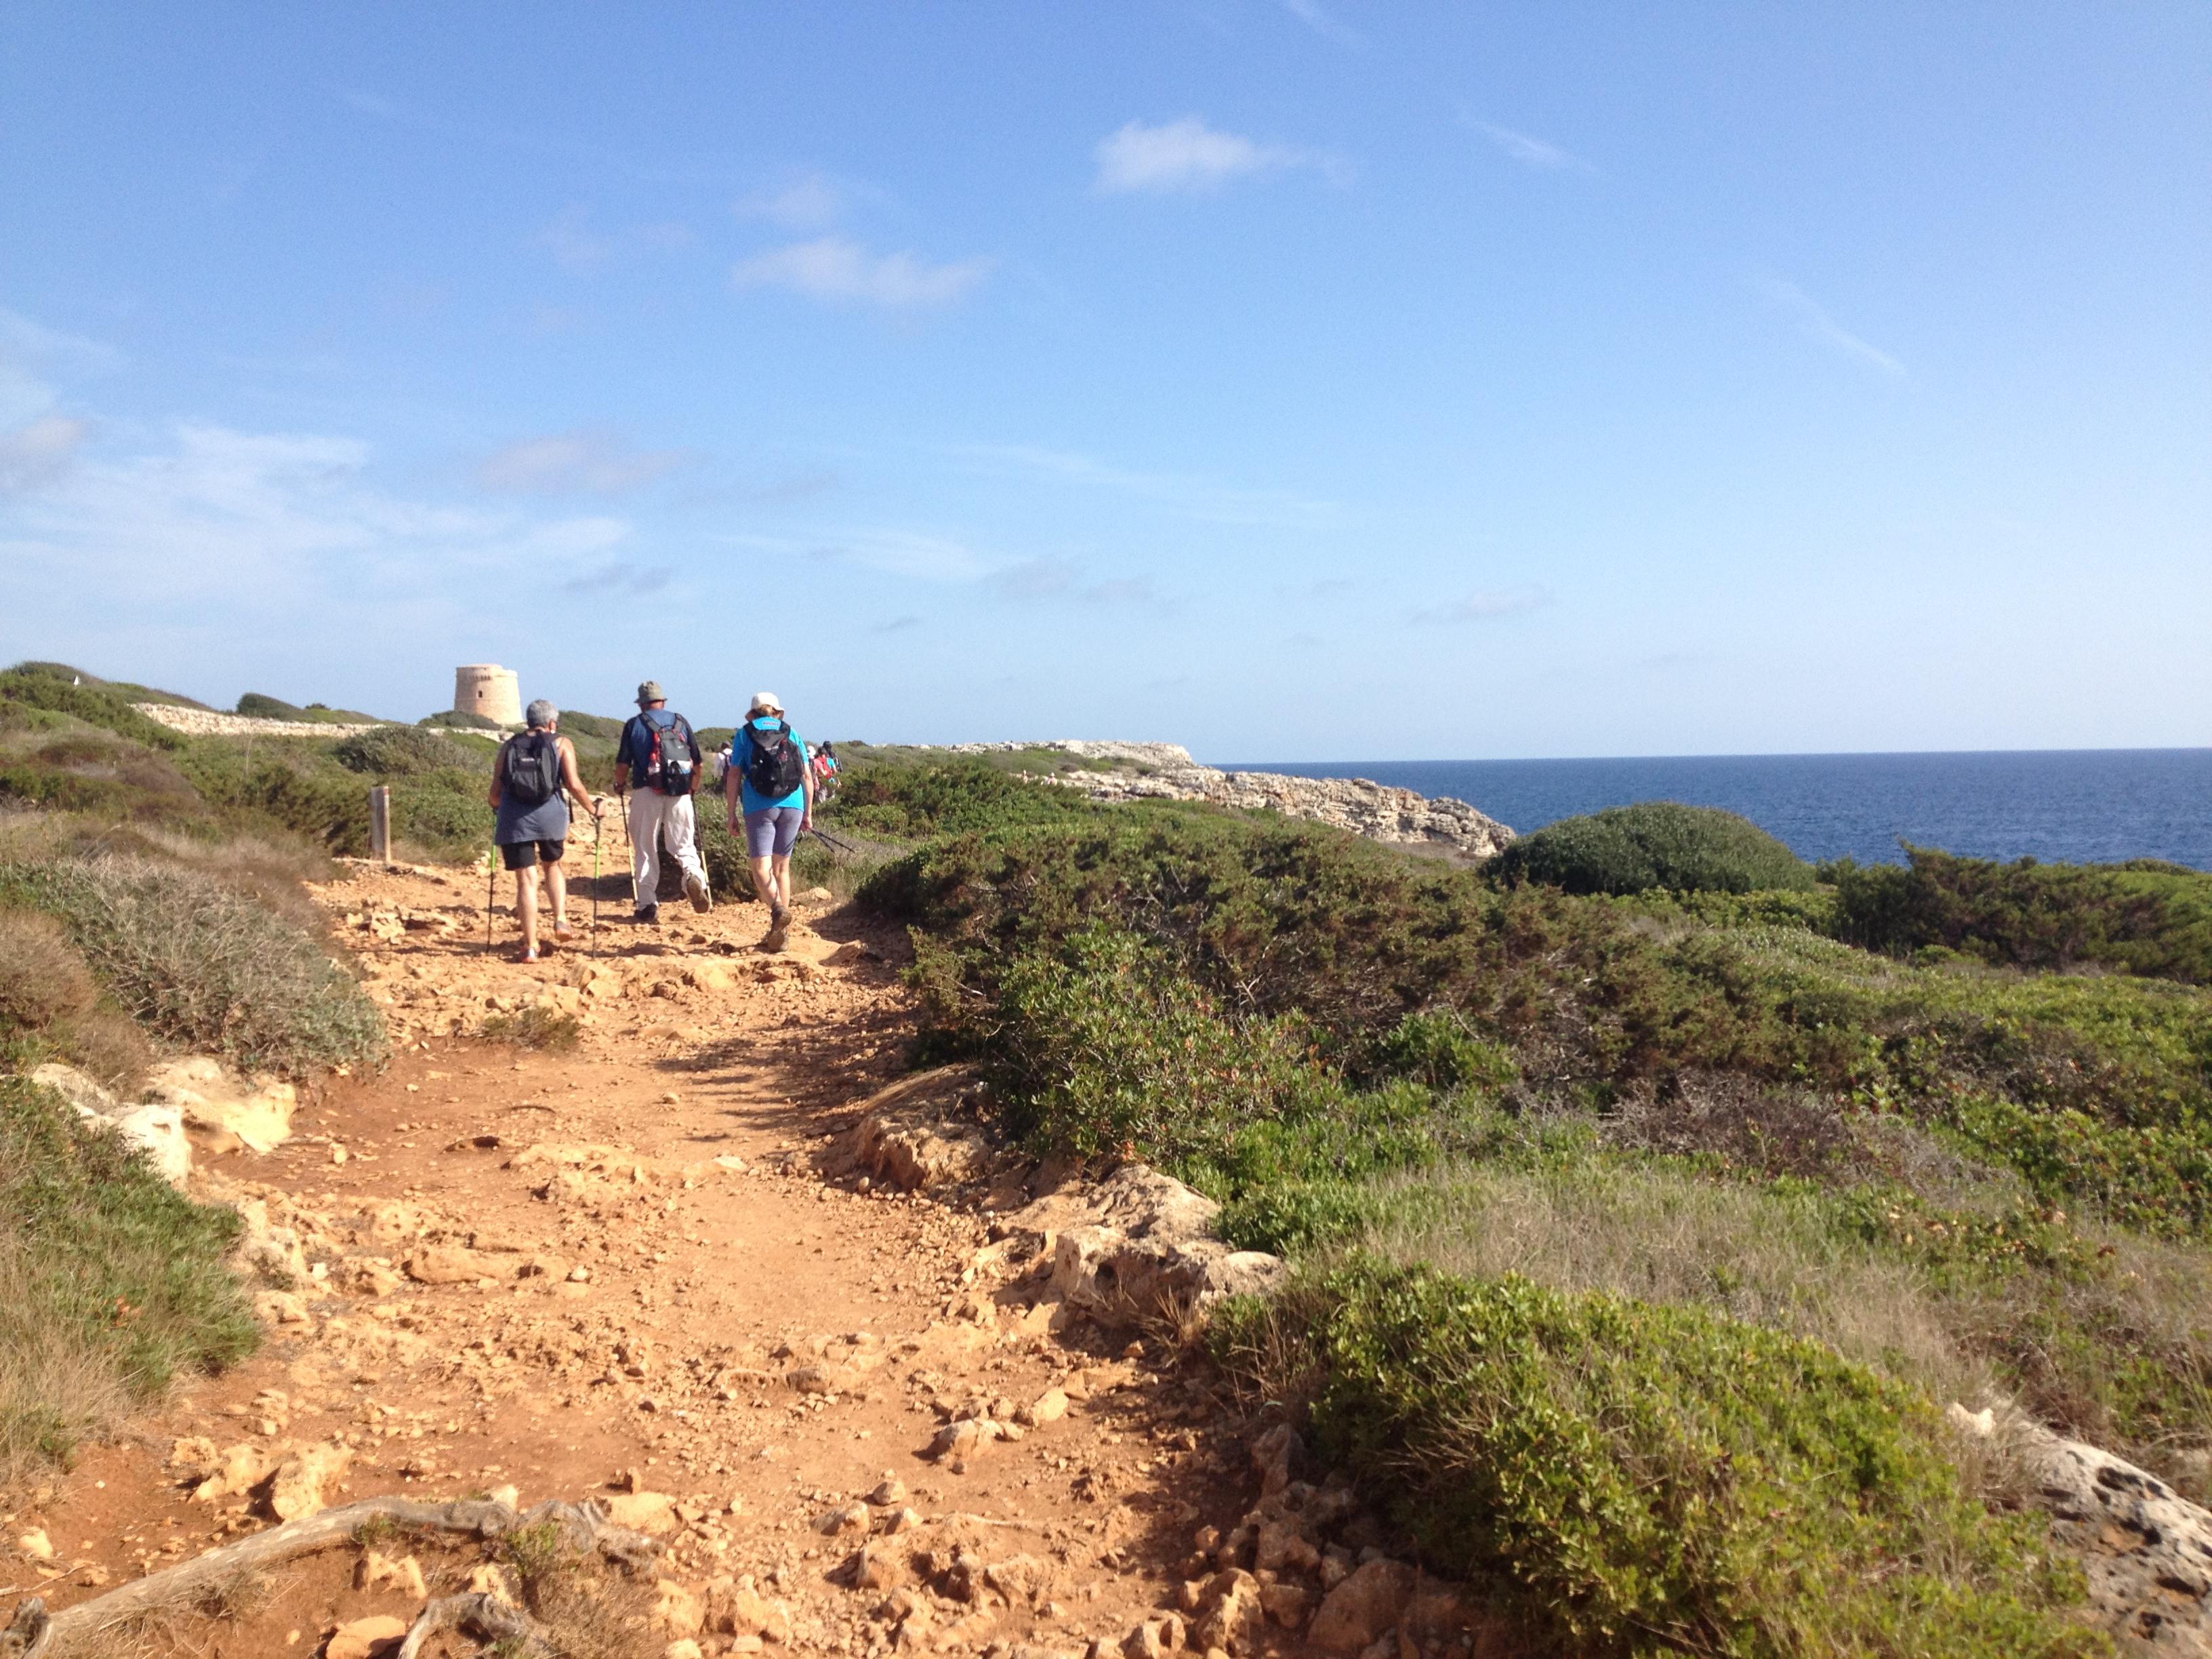 Menorca enjoy archivos blog de menorca de bonnin sanso - Bonnin sanso menorca ...